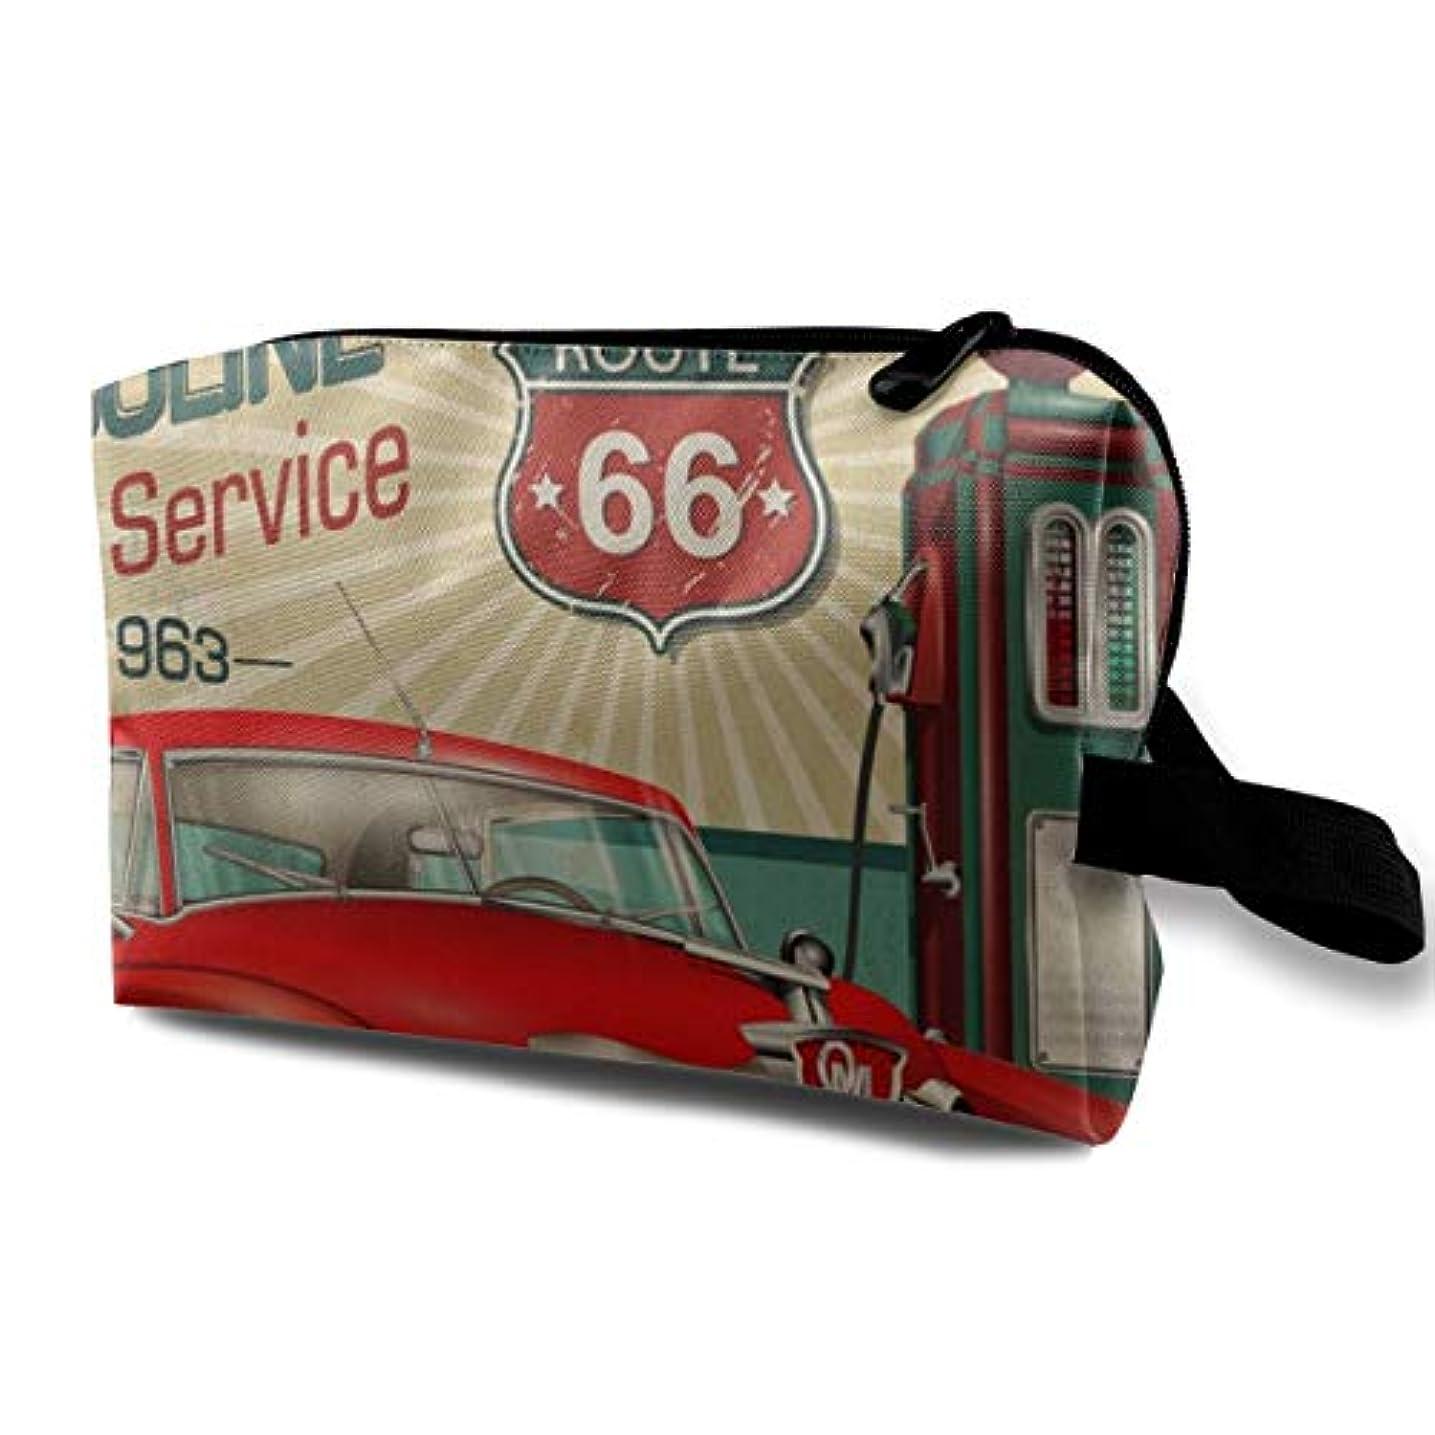 宝石電気技師確認してください1960s Route 66 Retro Poster 収納ポーチ 化粧ポーチ 大容量 軽量 耐久性 ハンドル付持ち運び便利。入れ 自宅?出張?旅行?アウトドア撮影などに対応。メンズ レディース トラベルグッズ